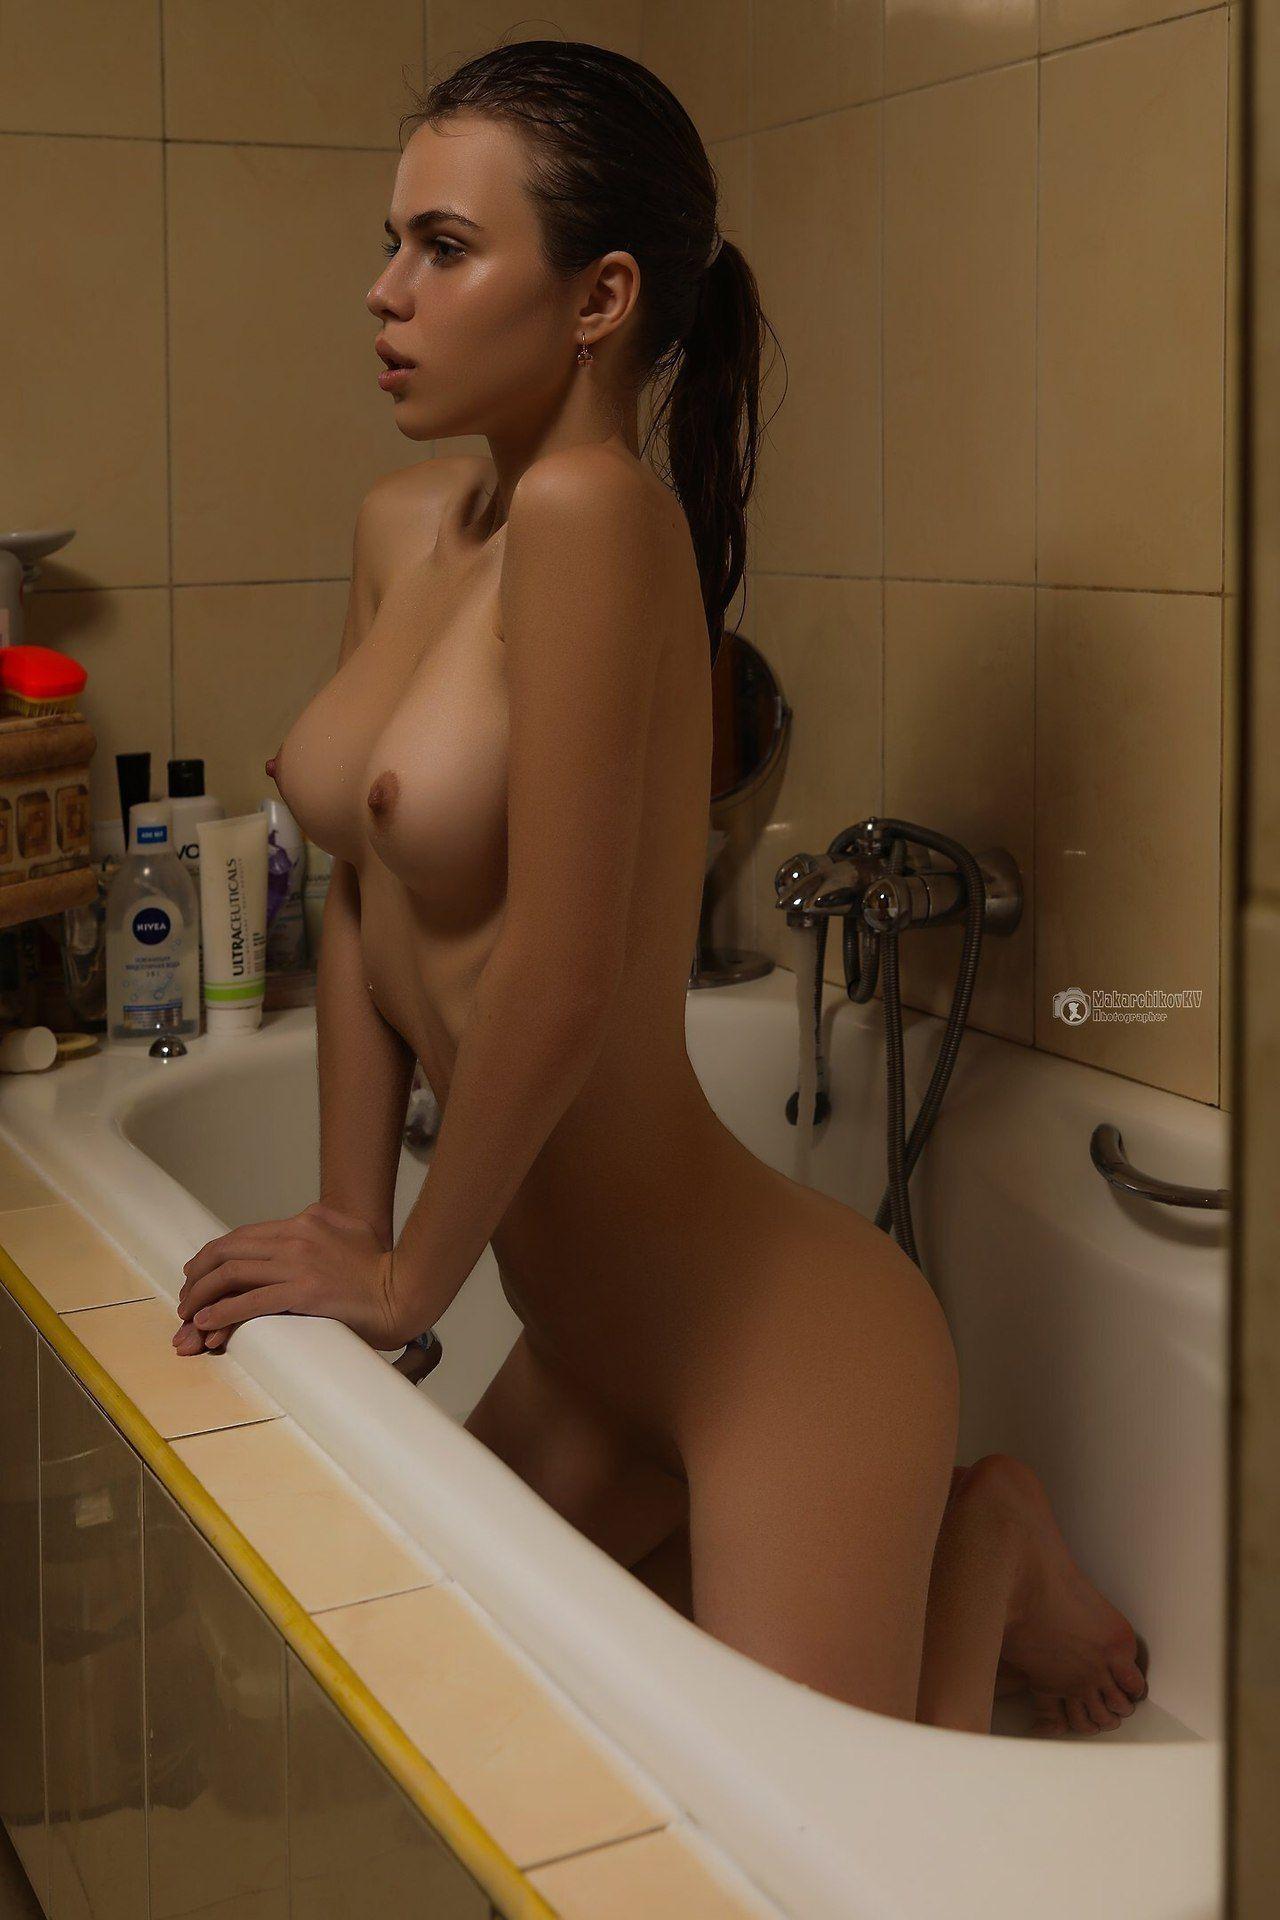 Hot slut naked hidden camera